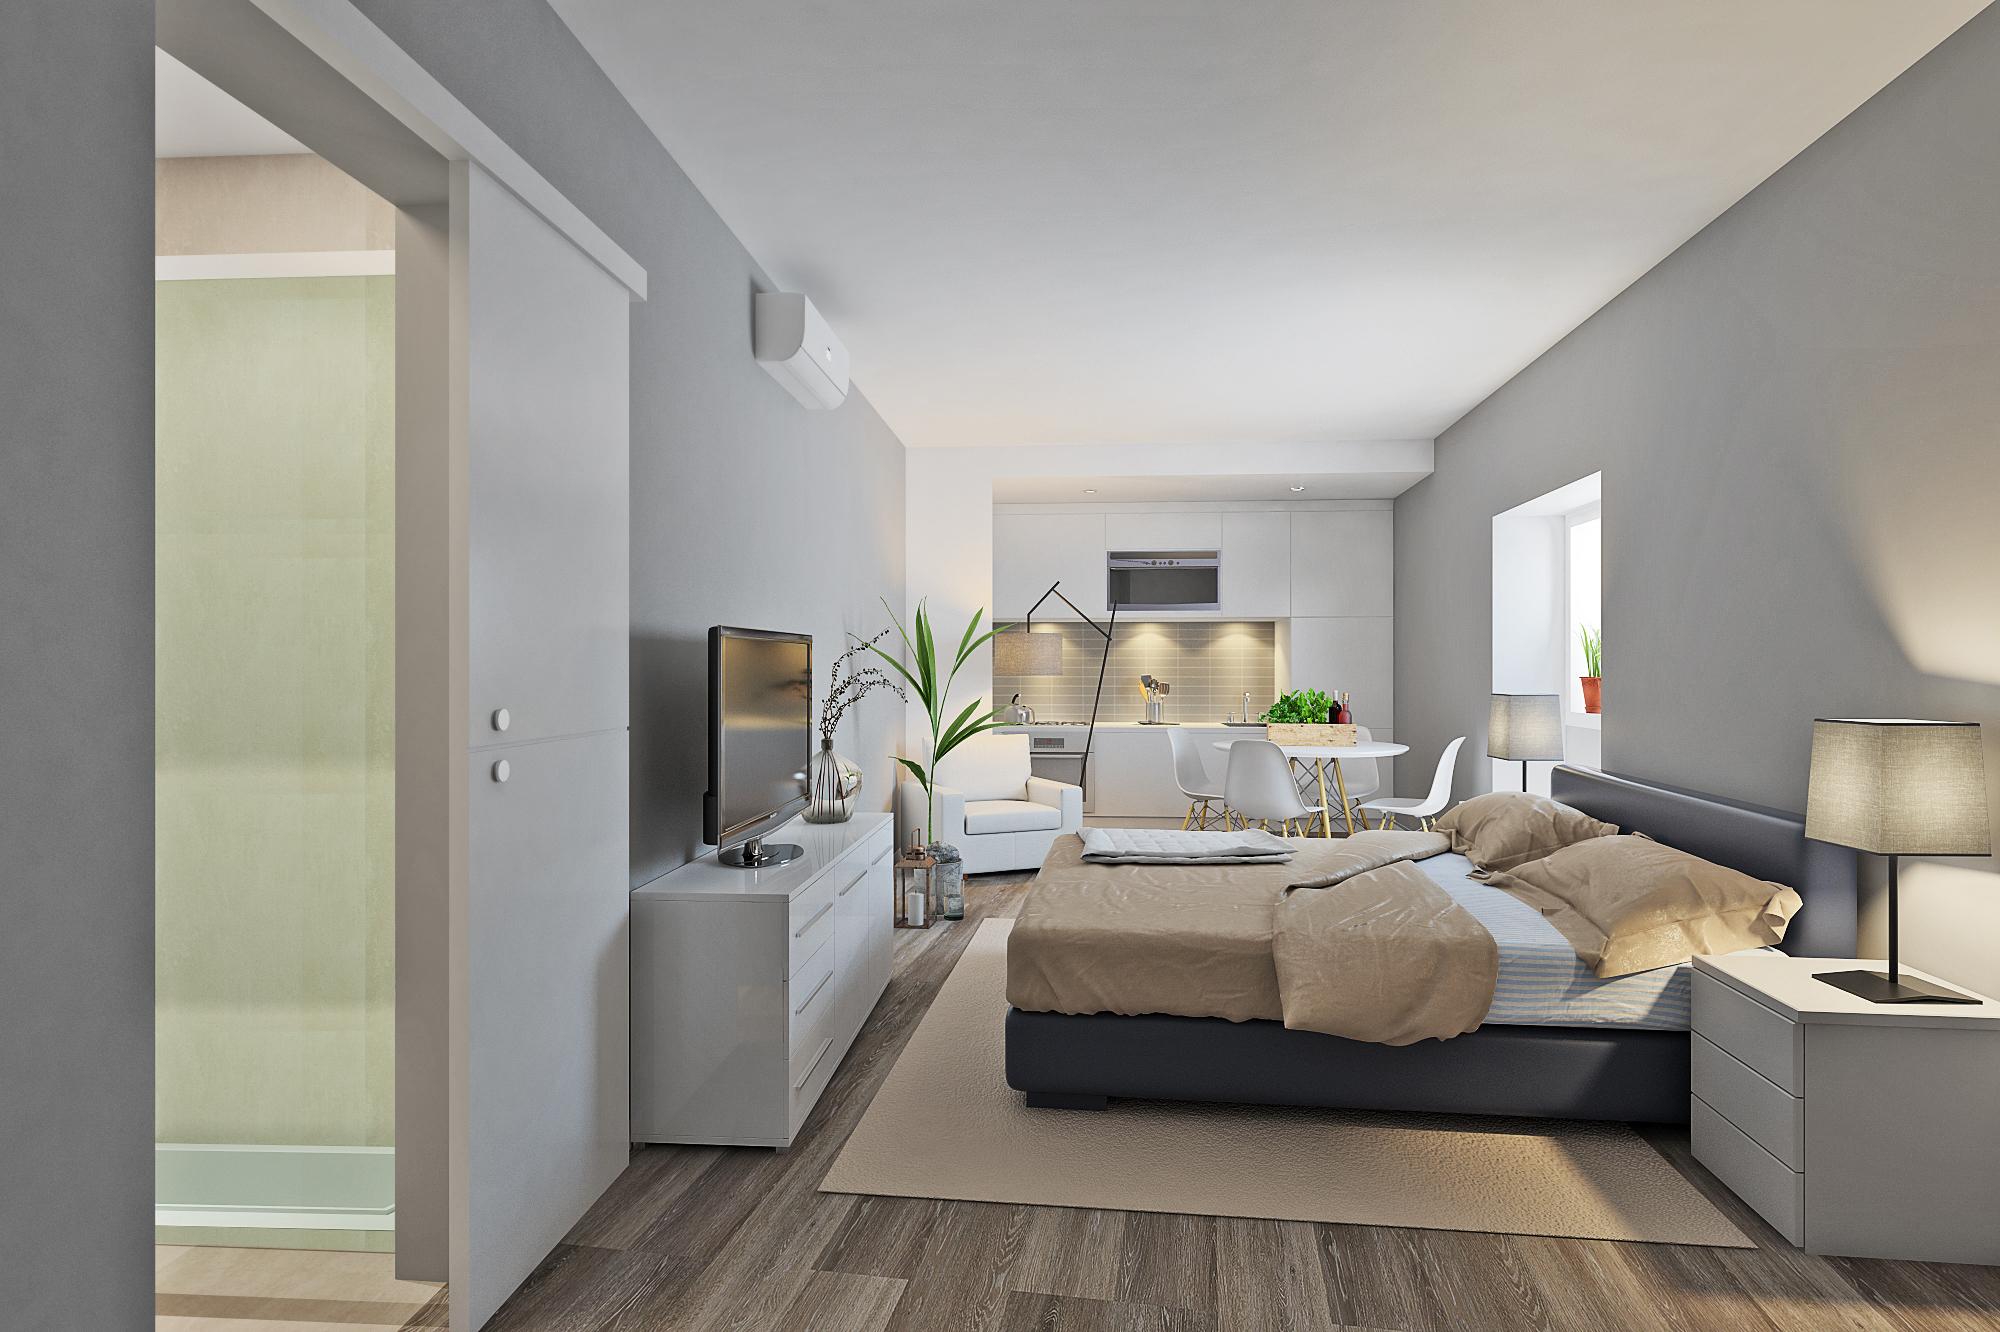 Interior de la Casa arquitectura habitacion inmobiliario fotografía signimo planta 3d interactivo